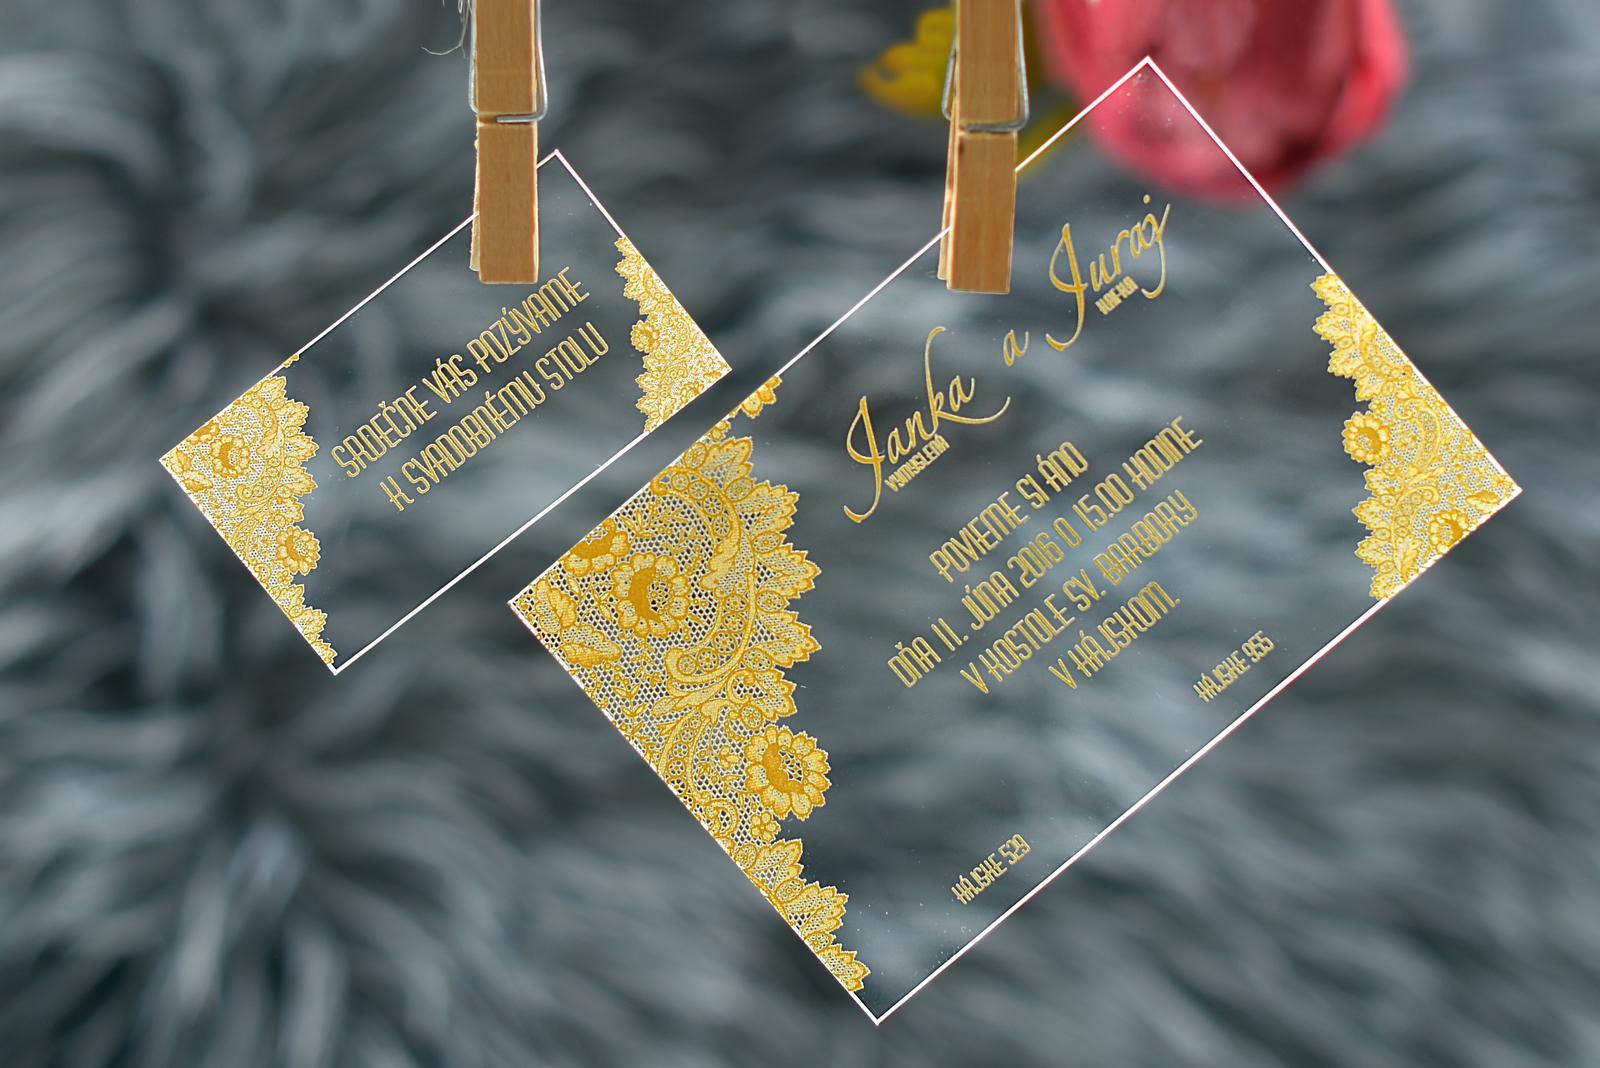 Transparentné svadobné tlačoviny - Obrázok č. 3